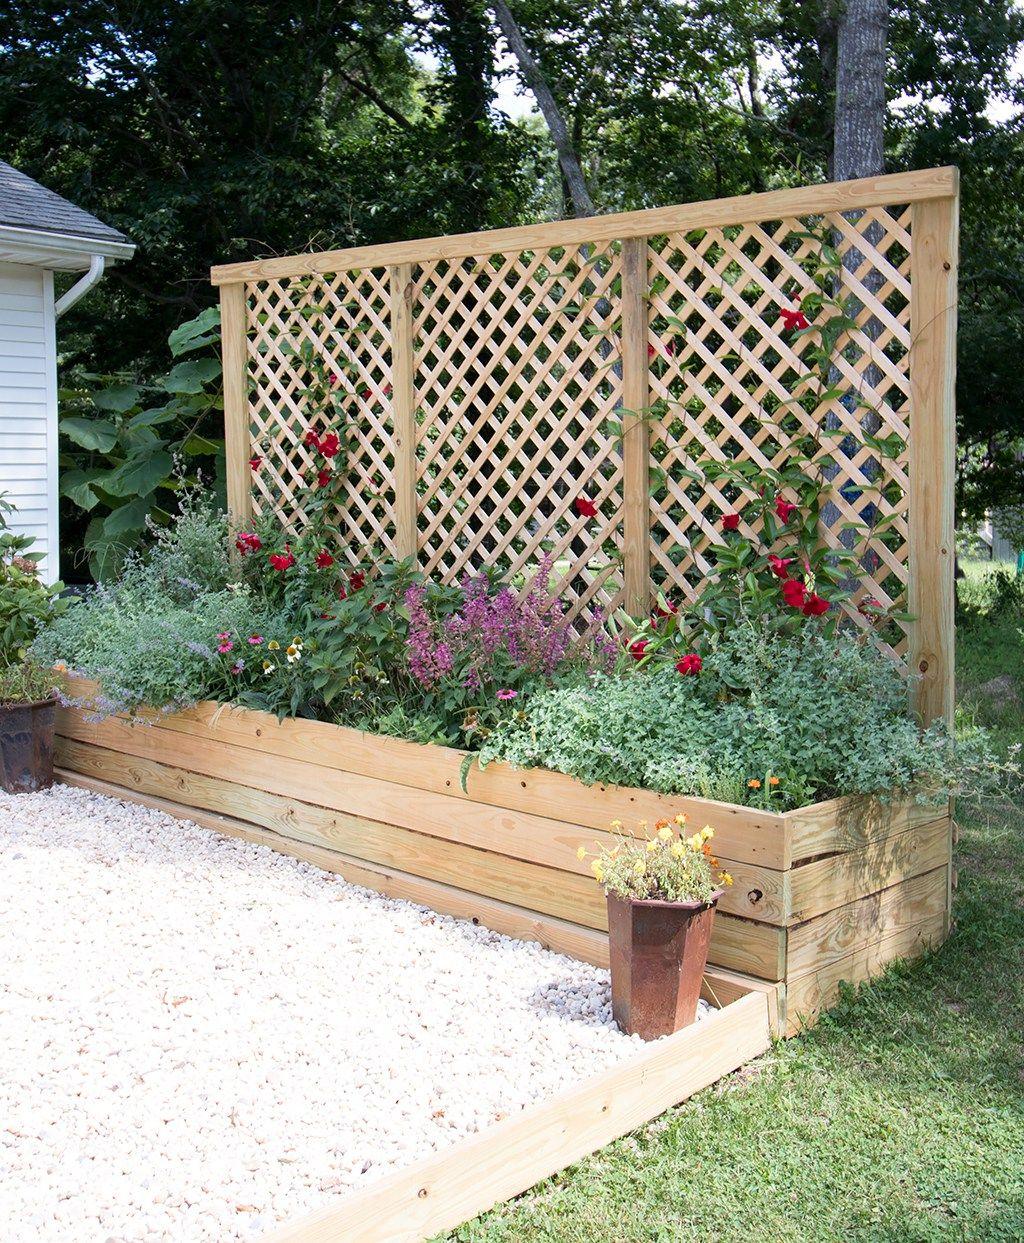 Privacy Screen Planter Diy Raised Garden Bed Plans Diy 400 x 300